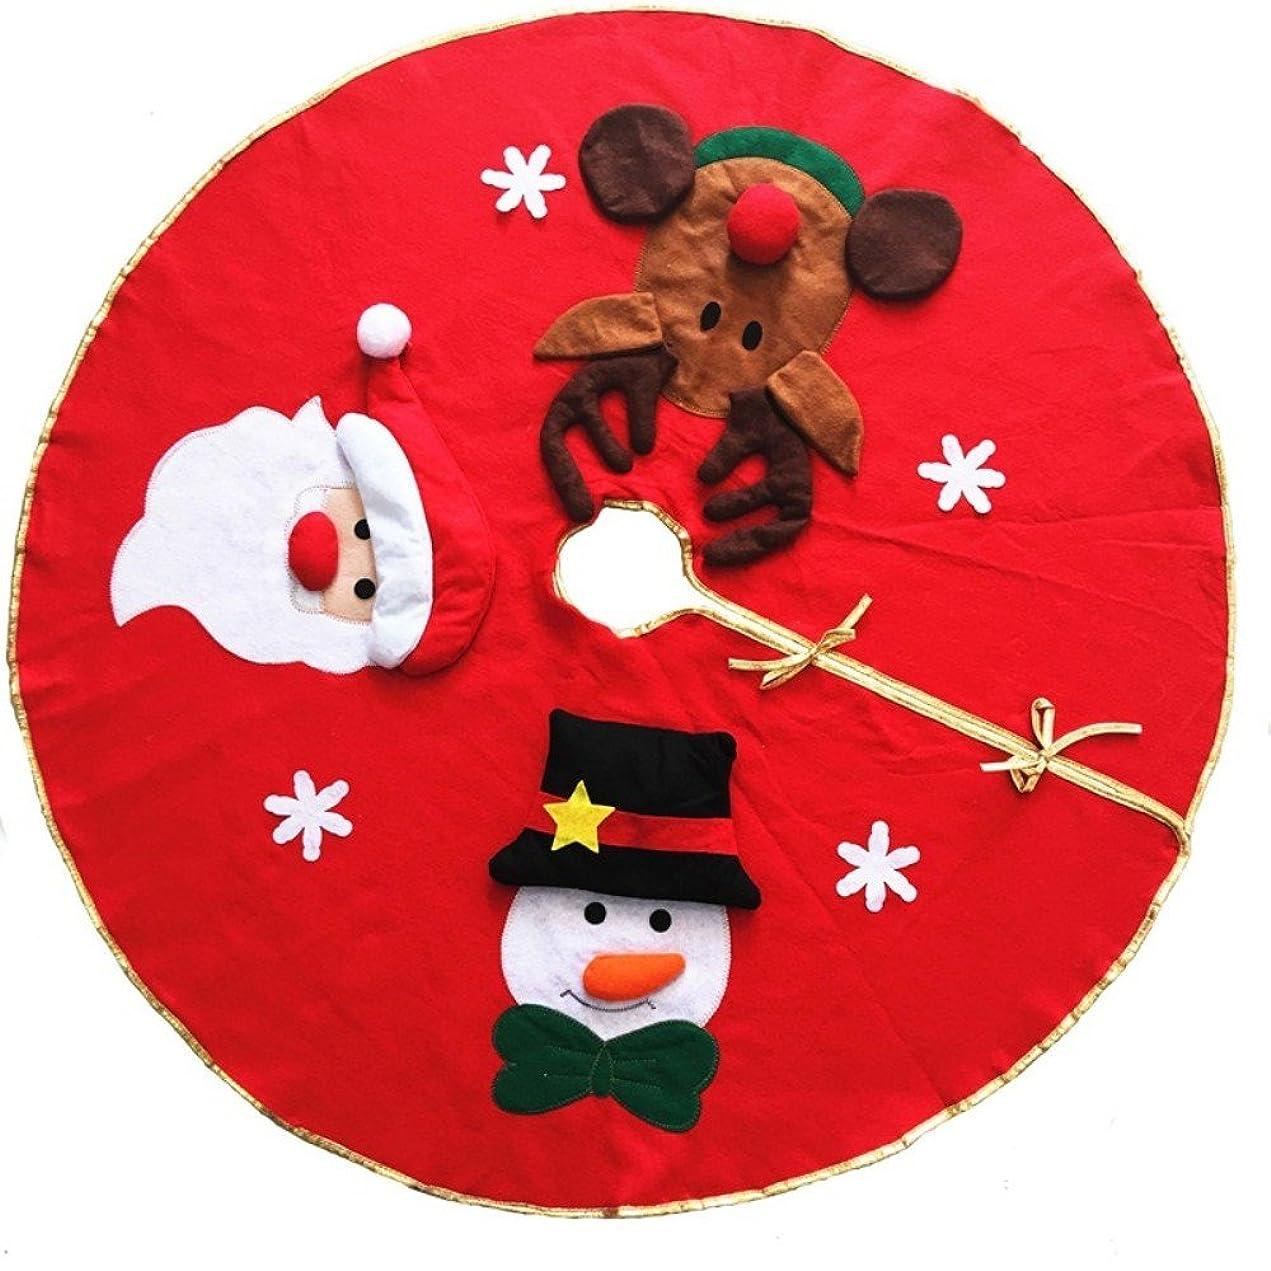 和解する絞る急降下Ungfu Mall ツリースカート クリスマス飾り 雪だるま?トナカイ?サンタ 下敷物 円形 クリスマスツリー 作る クリスマスプレゼント